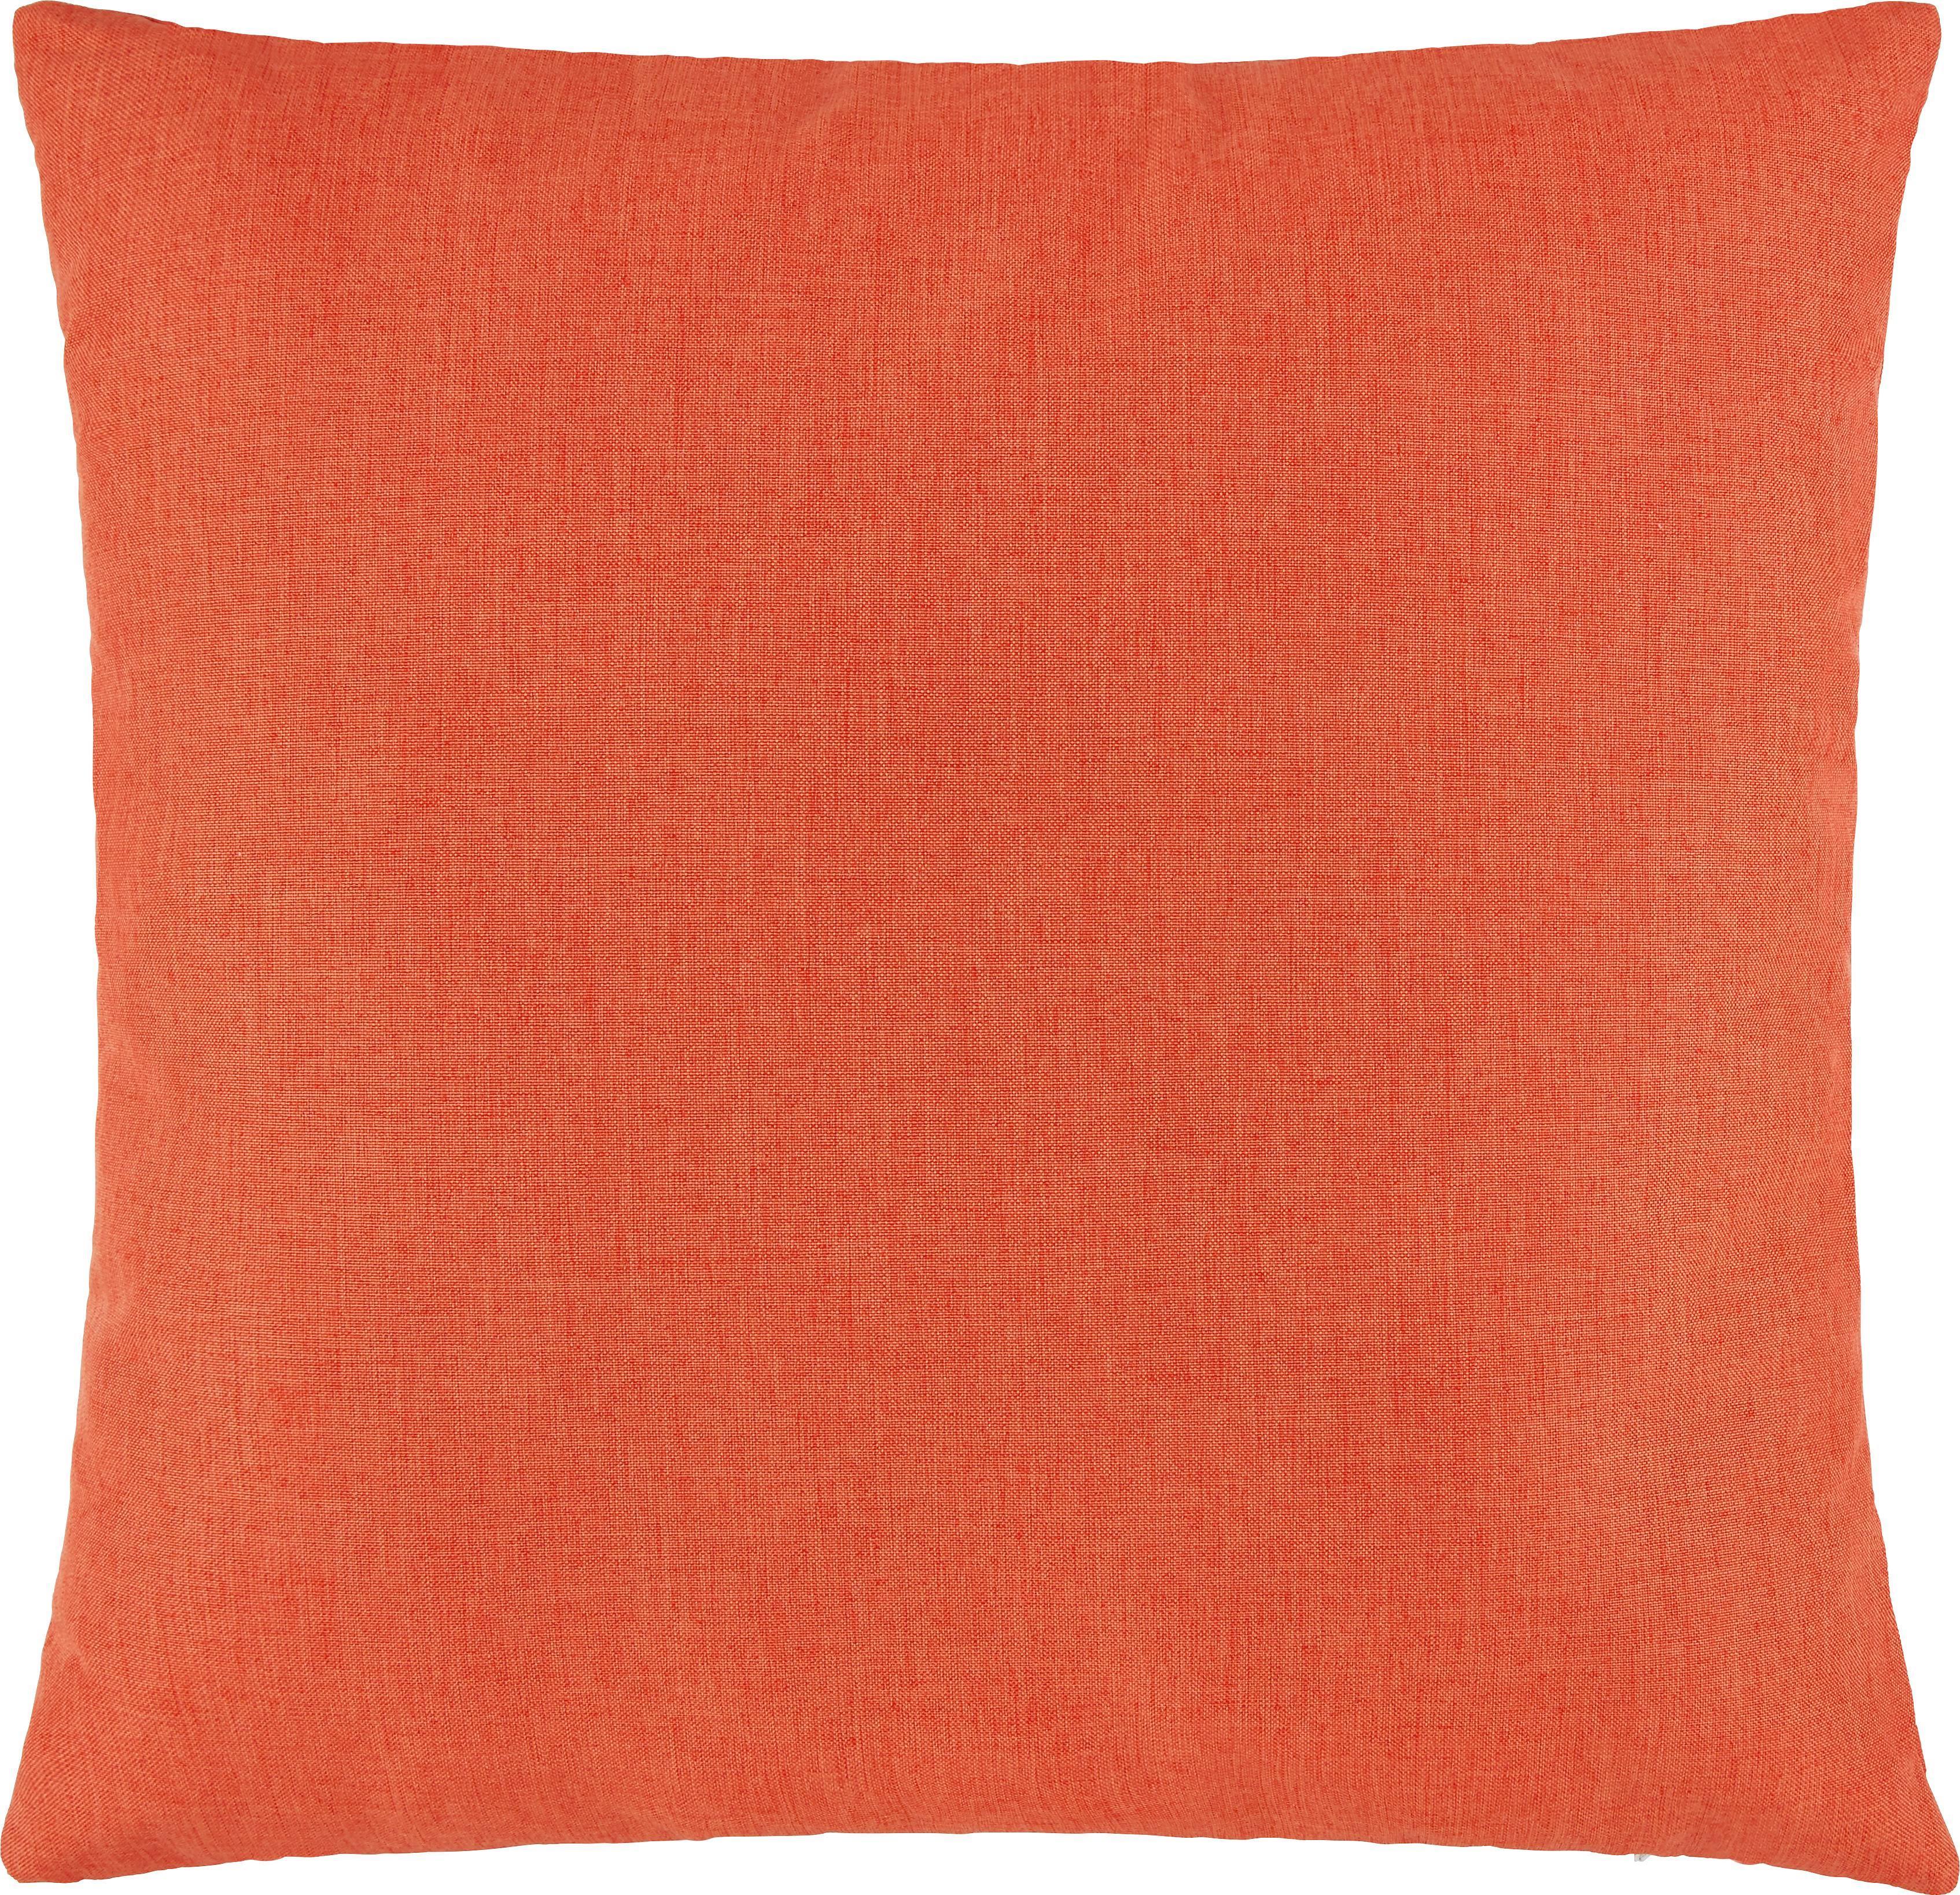 Zierkissen in Orange, ca. 45x45cm - Orange, MODERN, Textil (45/45cm) - MÖMAX modern living